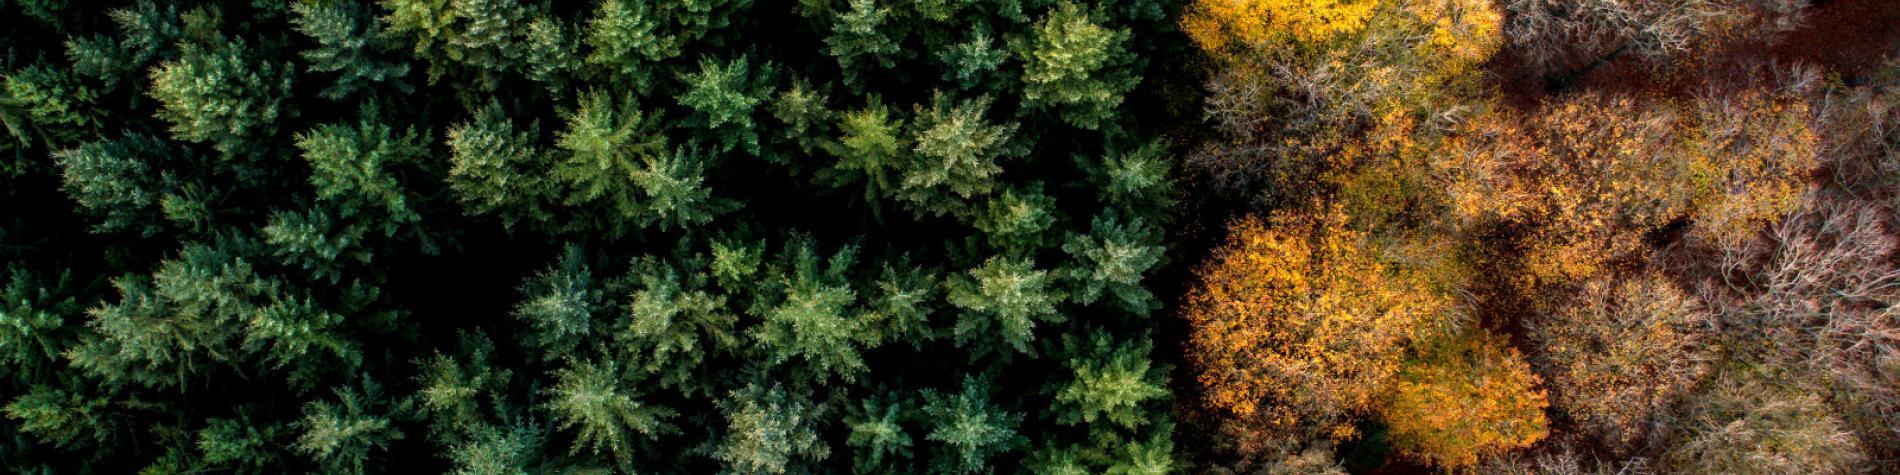 vue aérienne d'une forêt de 2 couleurs